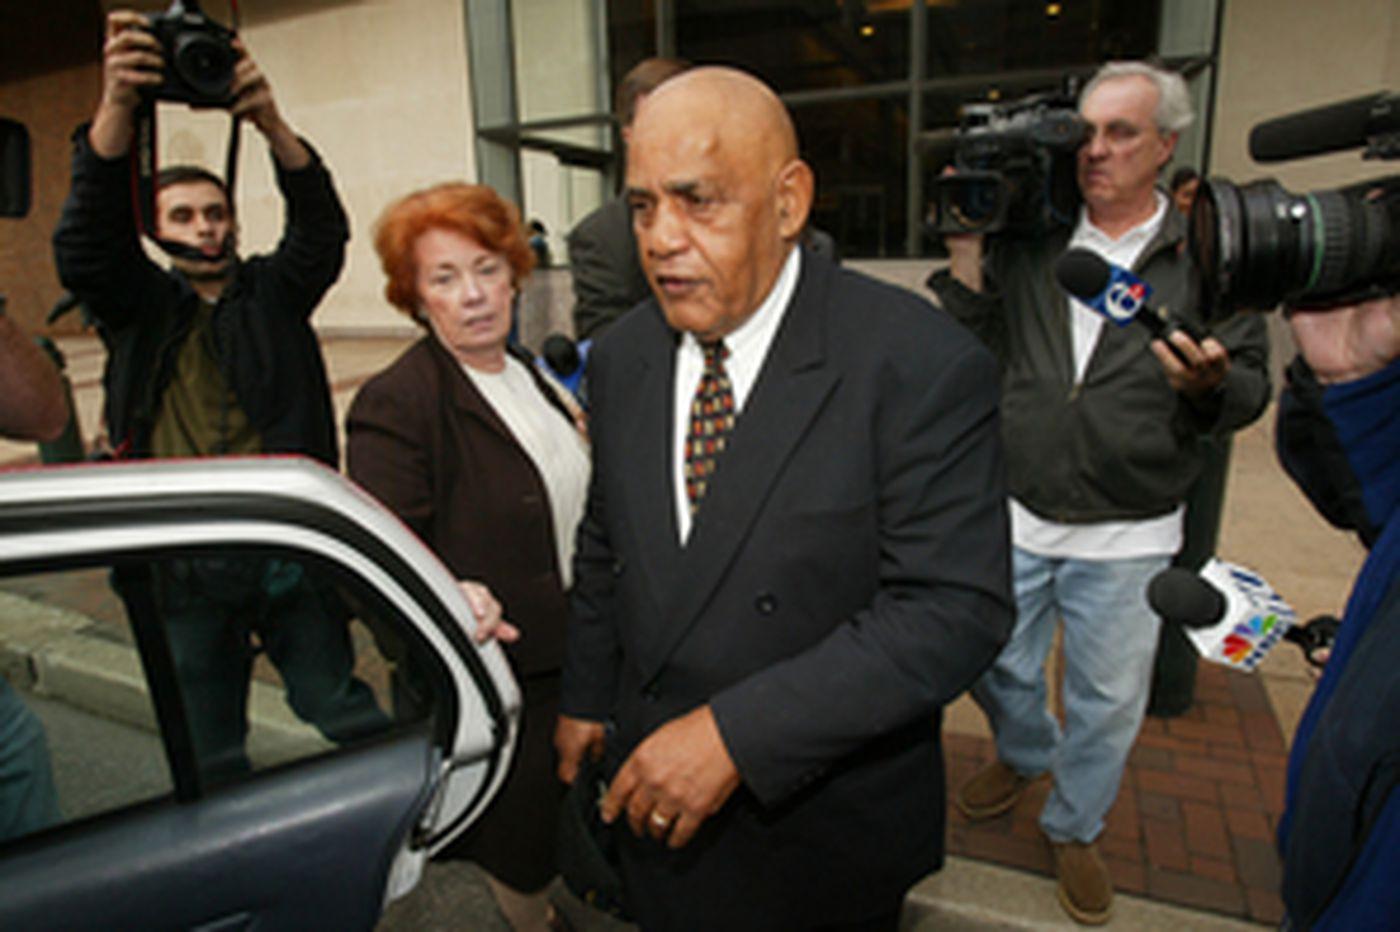 LAWYER QUITS MILTON'S CASE